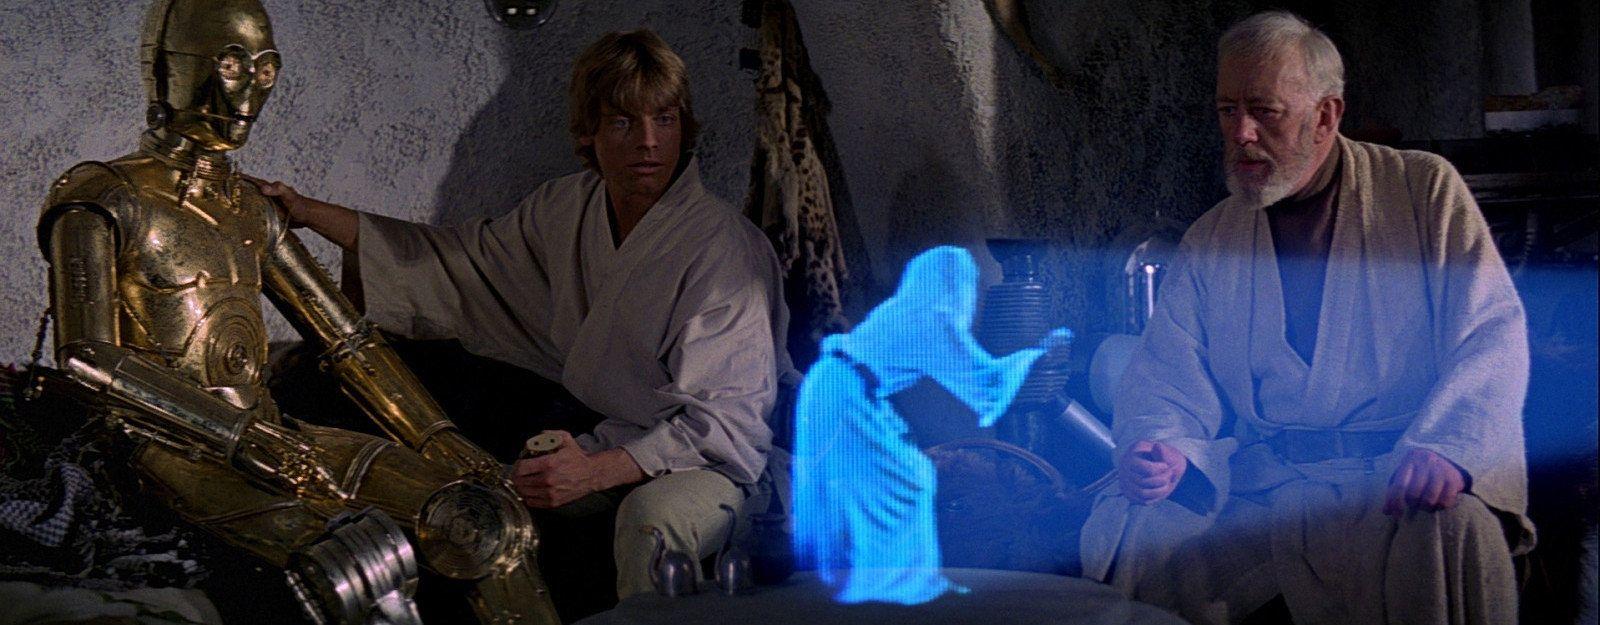 """Hologramy są doskonale znane fanom """"Gwiezdnych wojen"""""""